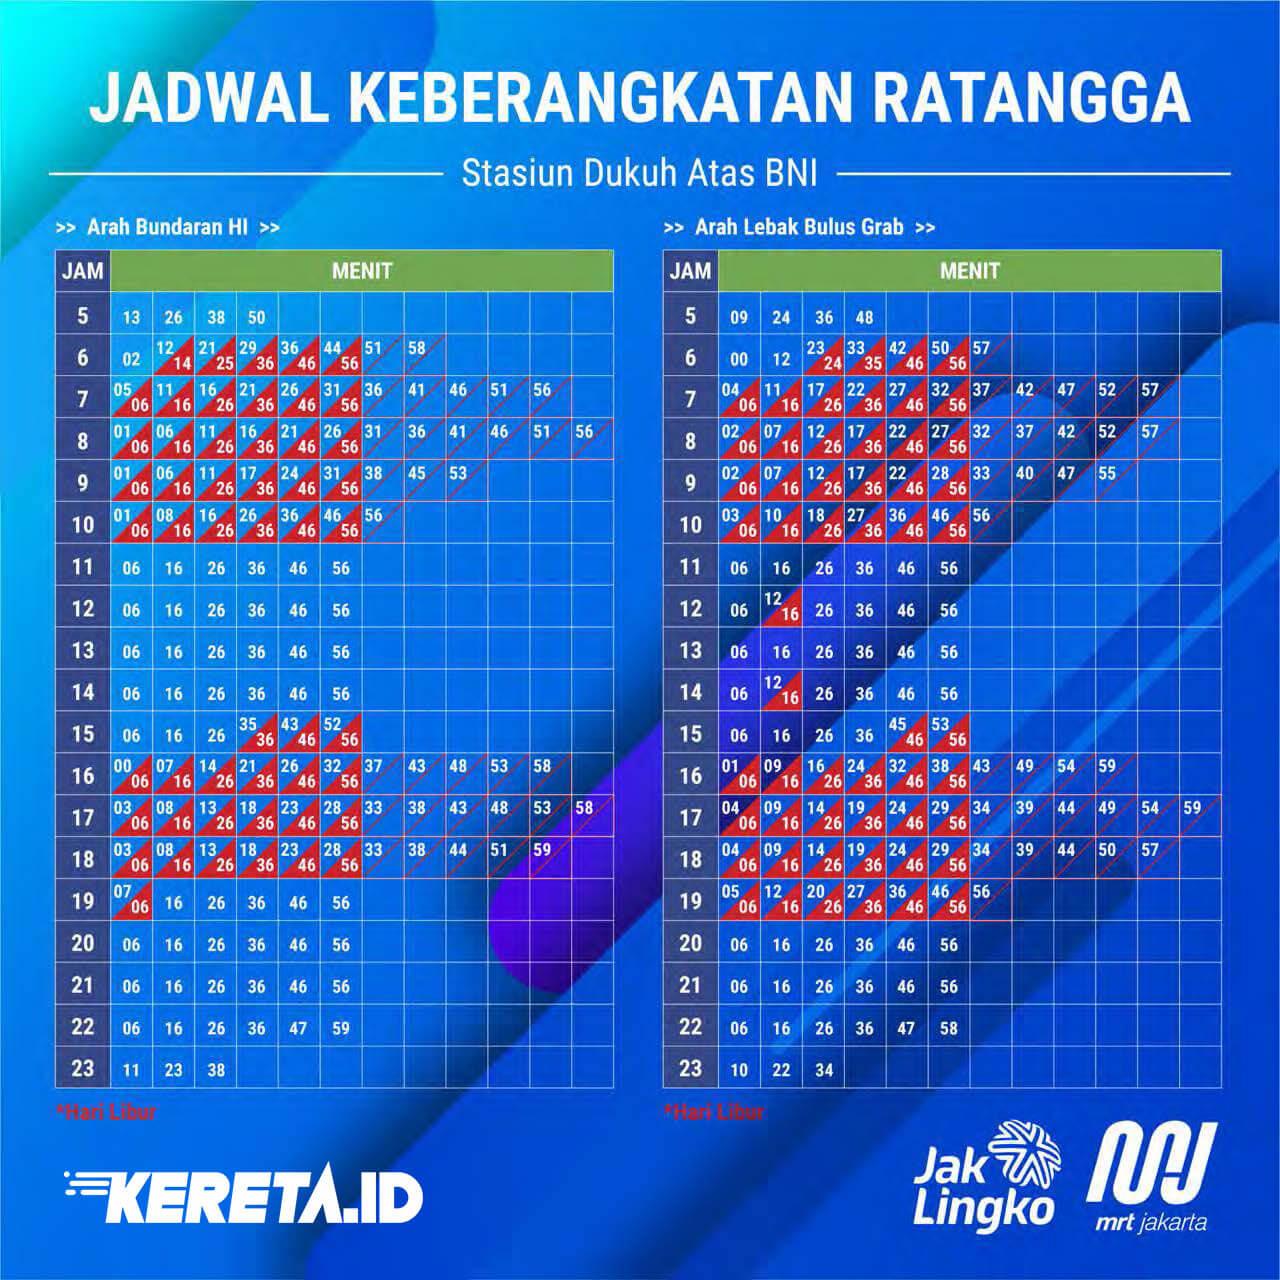 Jadwal-Keberangkatan-MRT-stasiun-dukuh-atas